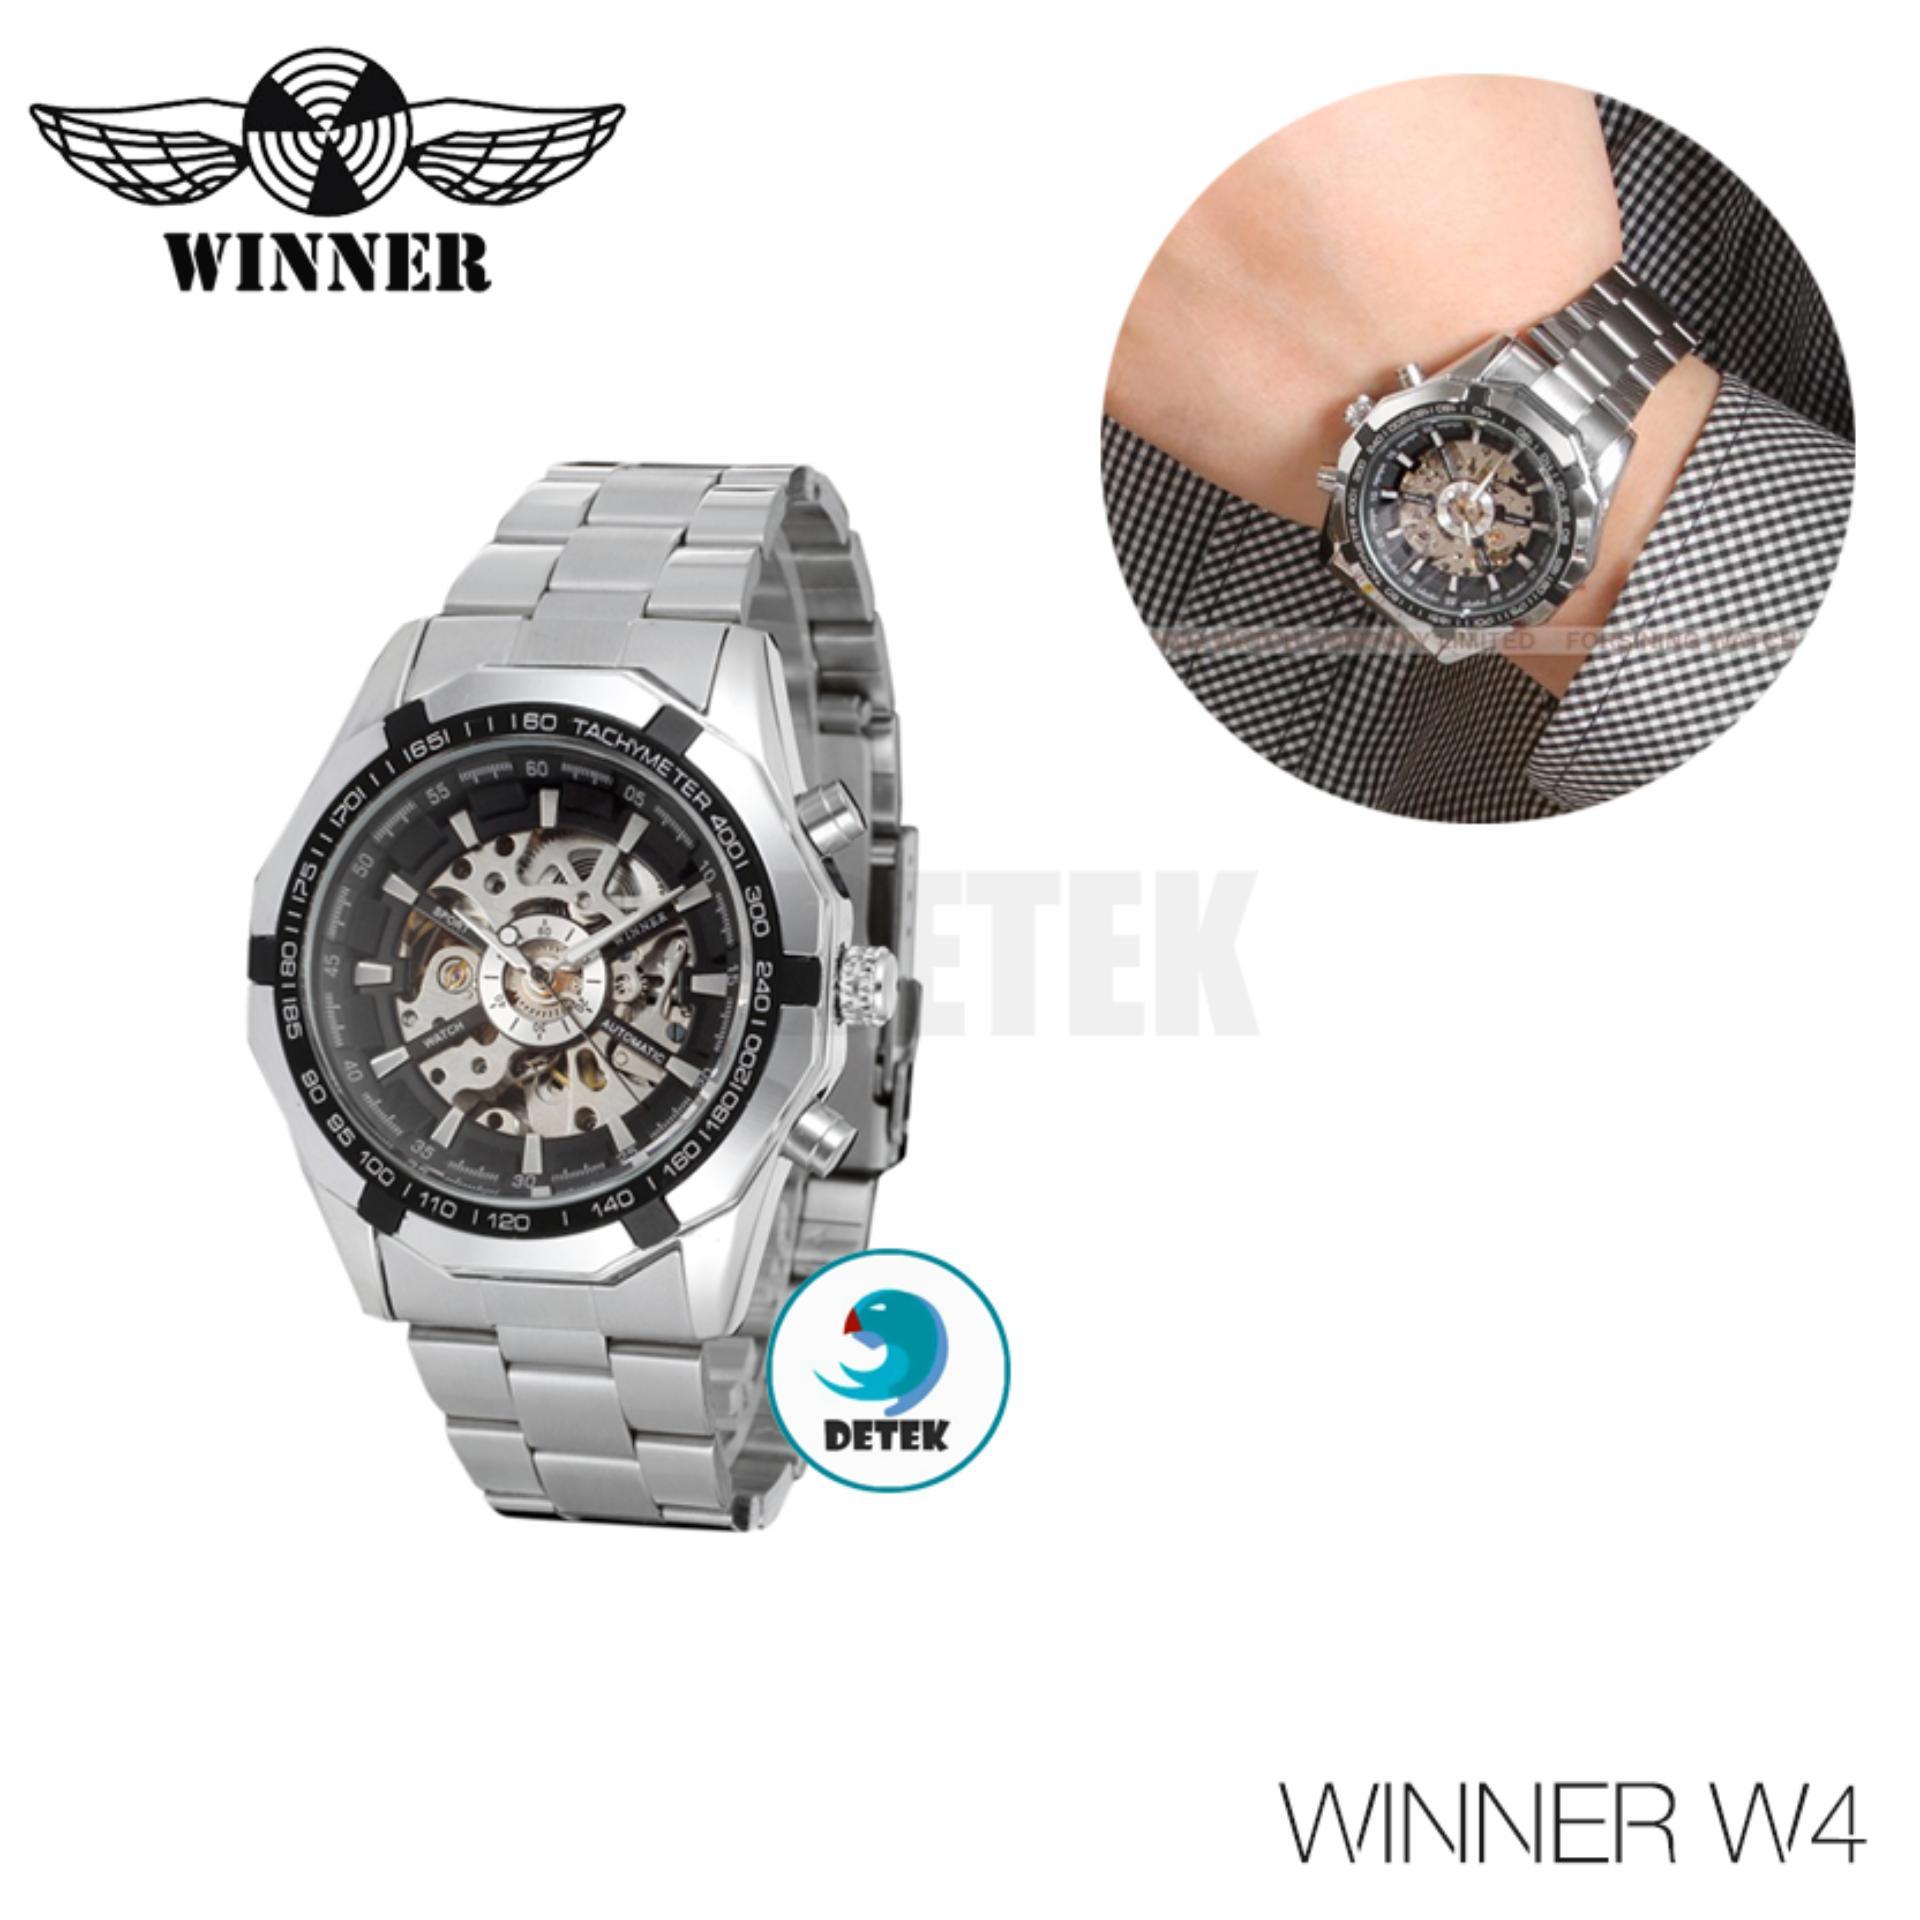 Đồng hồ tự động Winner W4 Bạc mặt Đen